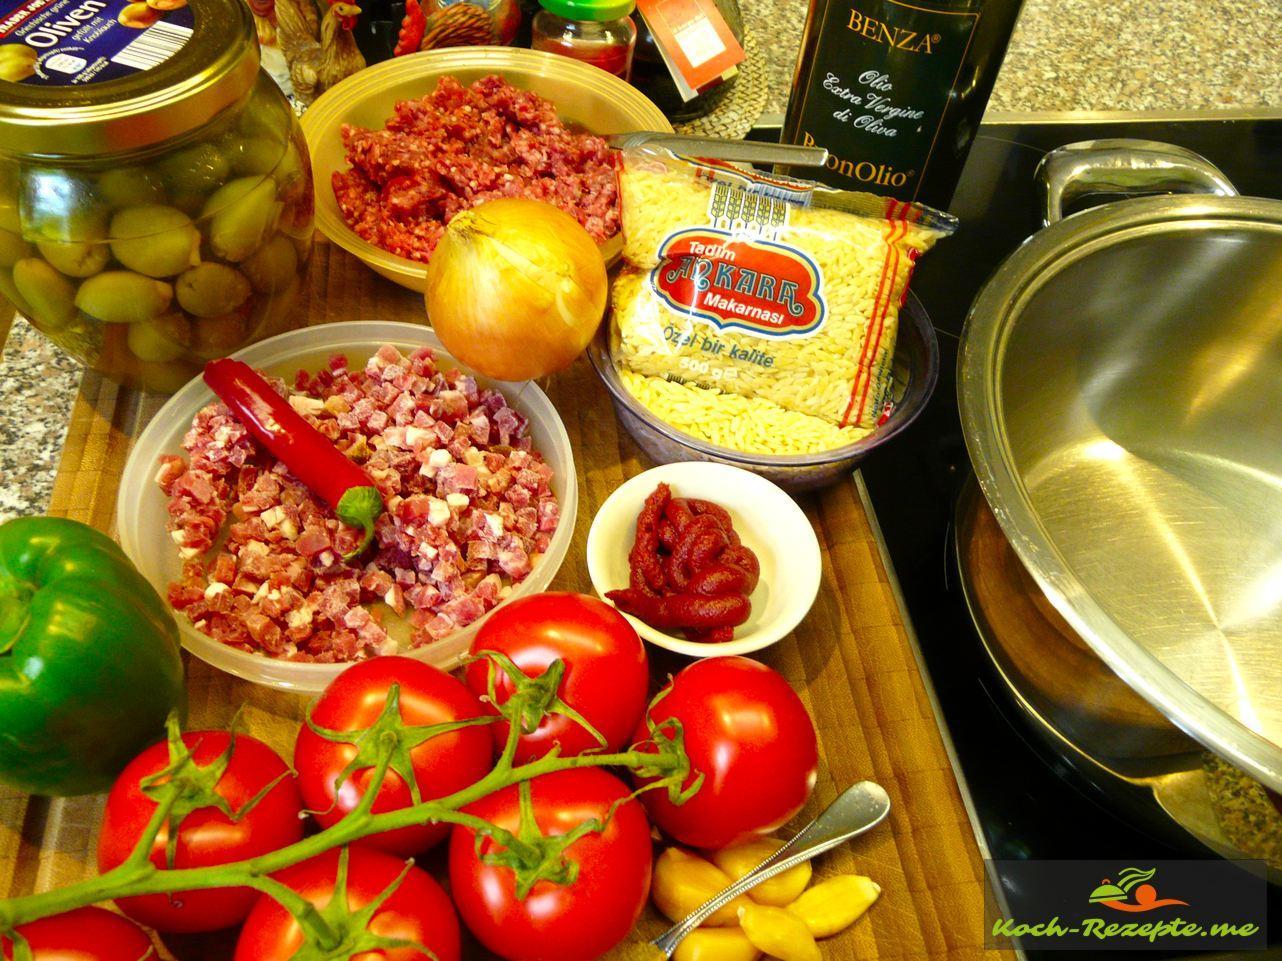 Für den Hackfleischtopf. Zutaten:350 g Rindergehacktes 150 g Schinkenspeck 1 Zwiebel 1/2 Chilischote 6 Tomaten  20 grüne Oliven 1 grüne Paprika 5 Knoblauchzehen geräuchert 1 El Tomatenmark 100 g Kritharaki-Nudeln  2 EL Olivenöl 1 TL Harissa 3 Stiele Thymian 200 ml Rinderbrühe